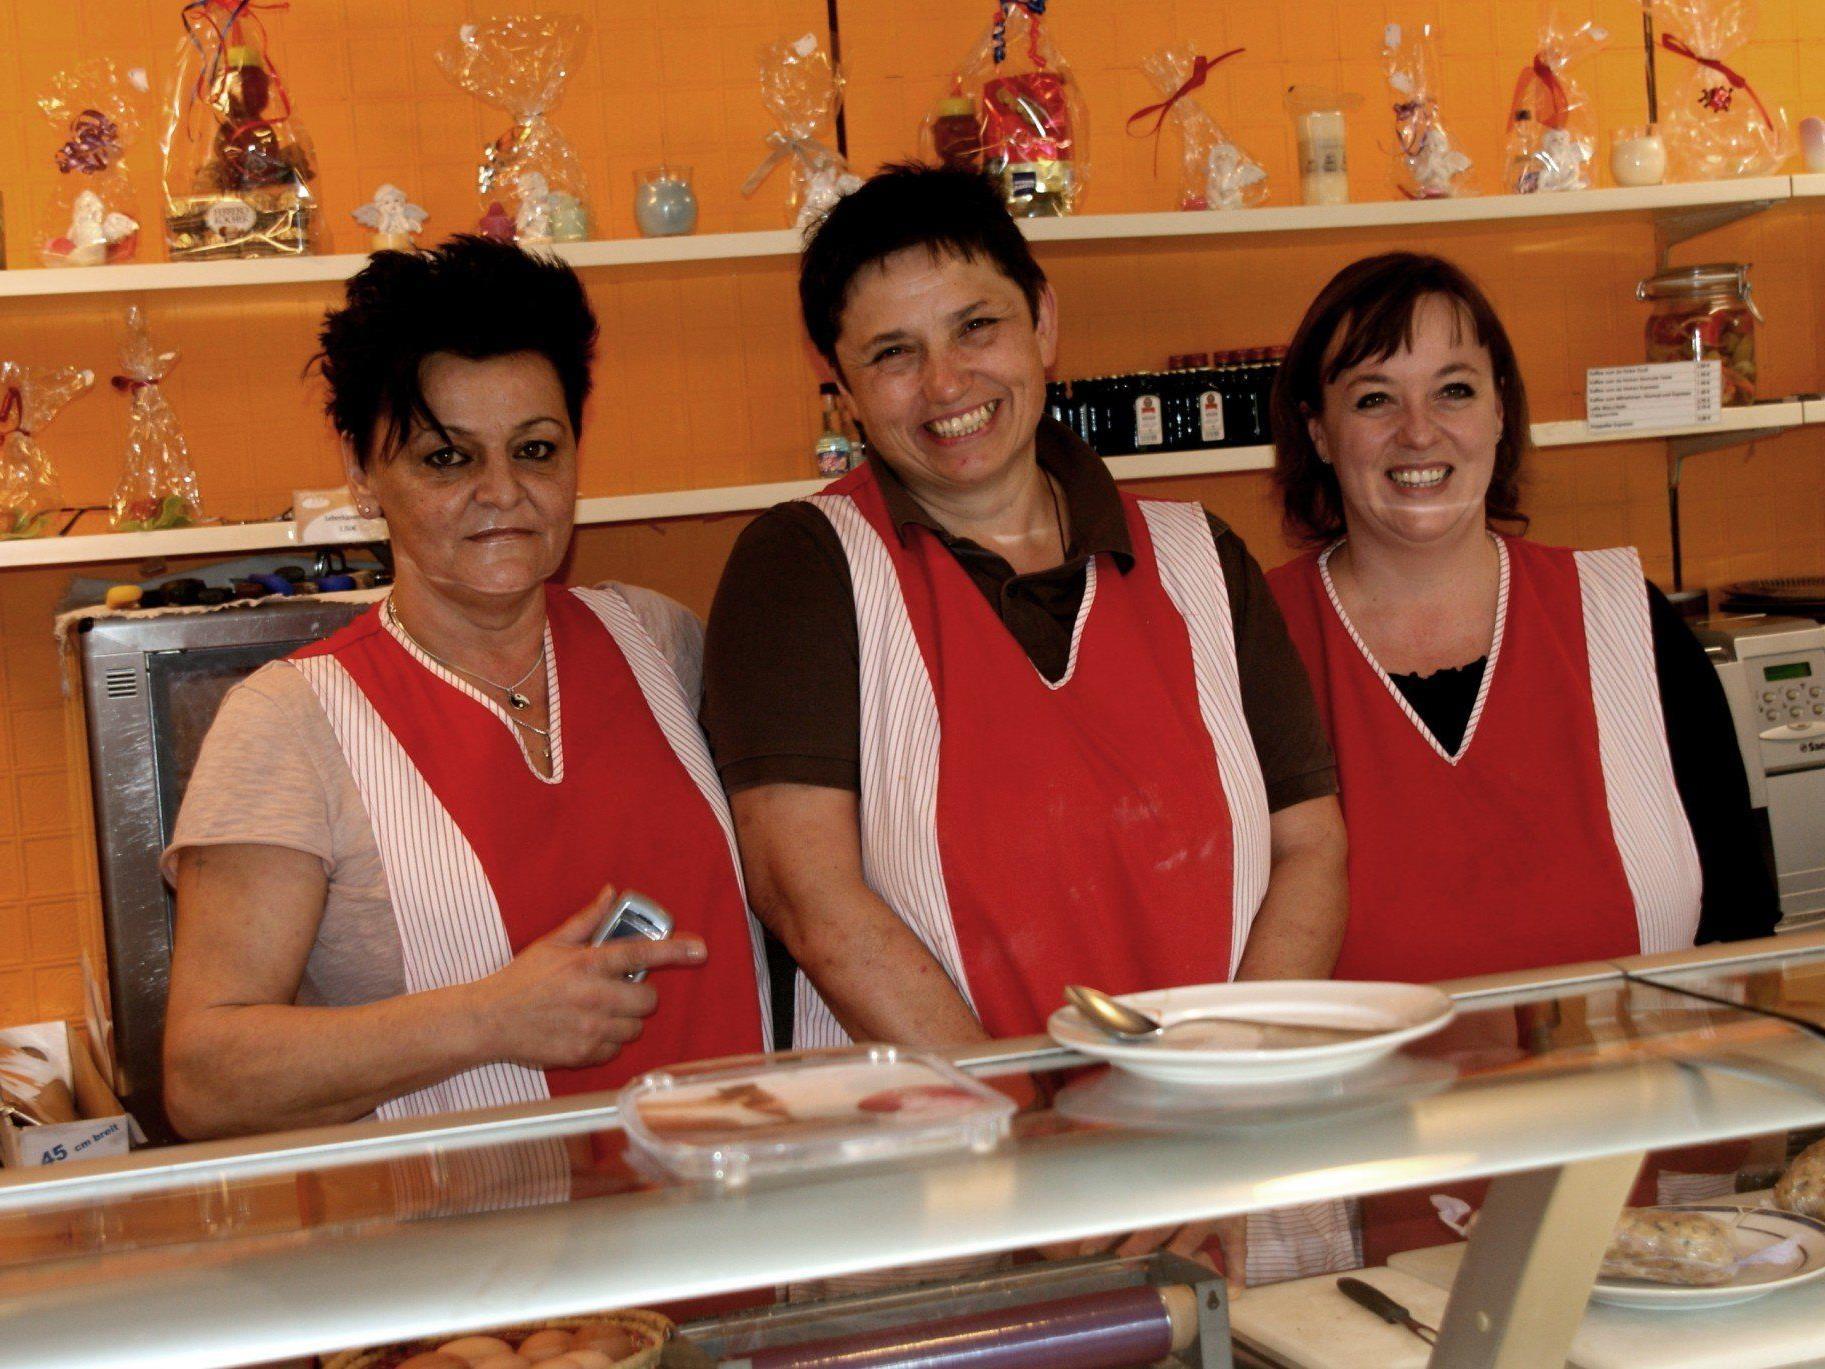 Mit Liebe fürs Brot wird bei Beirer gearbeitet!